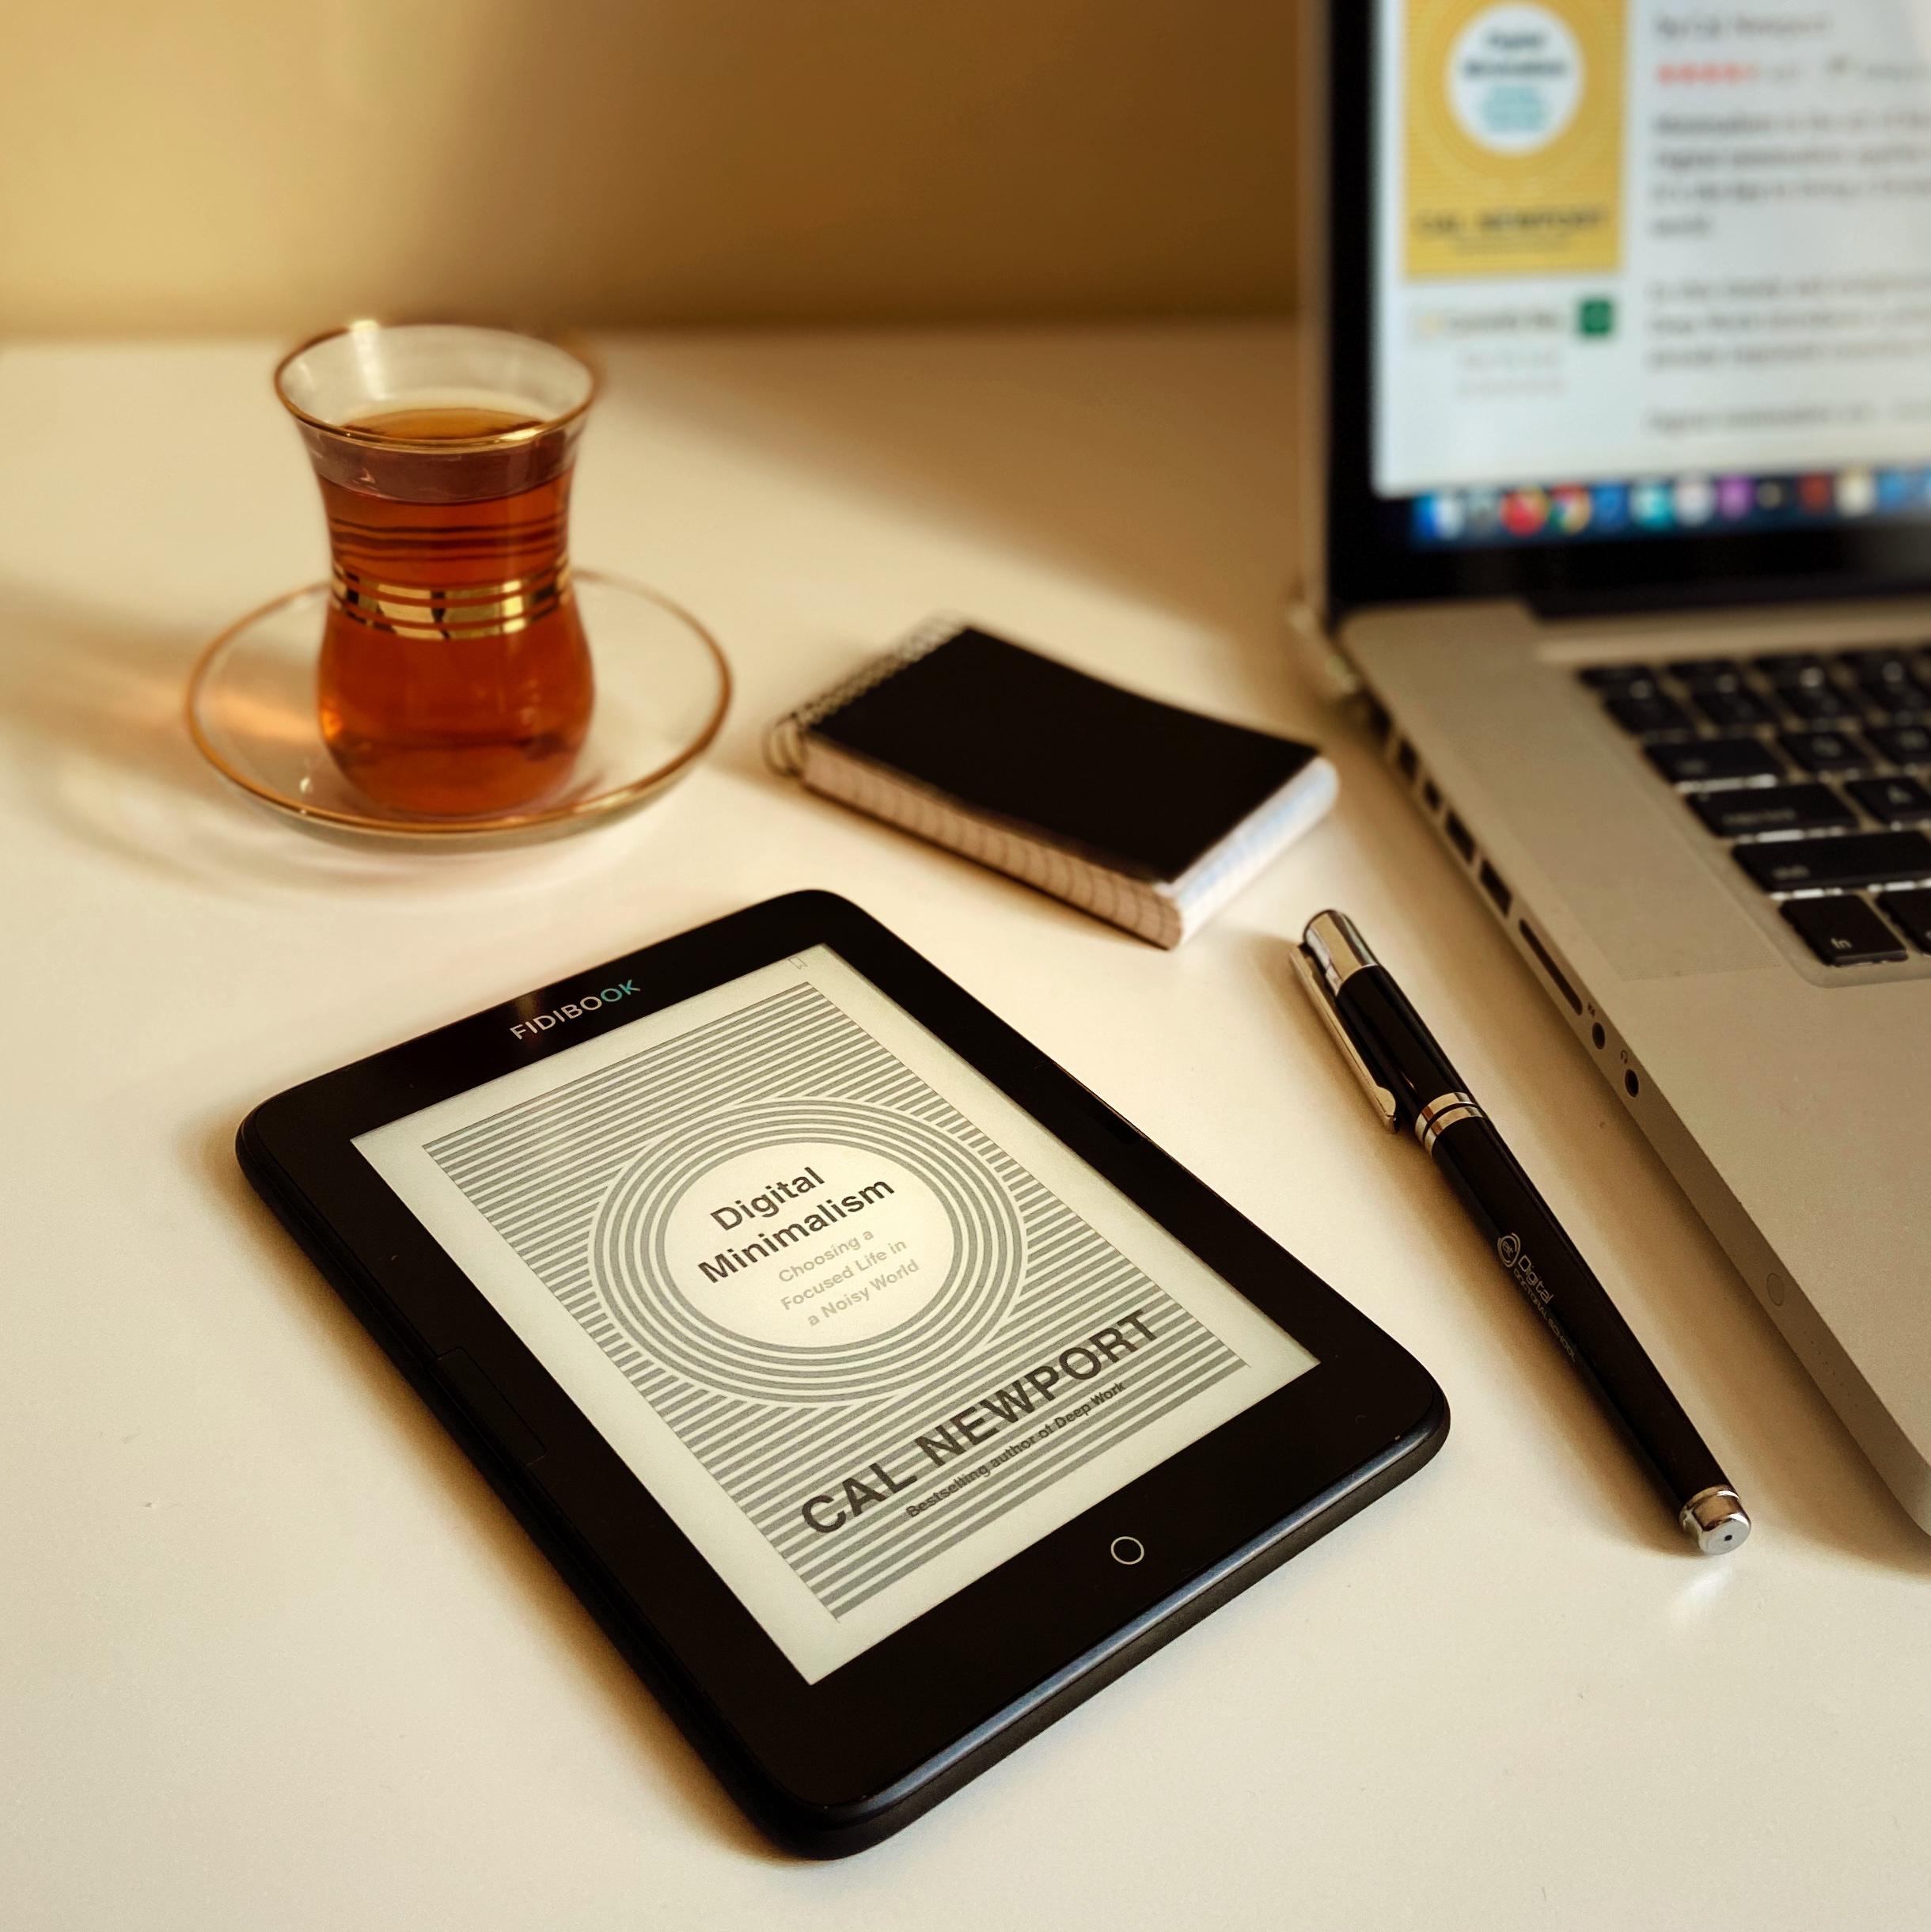 مینیمالیسم دیجیتال: در باب بهبود زندگی دیجیتال